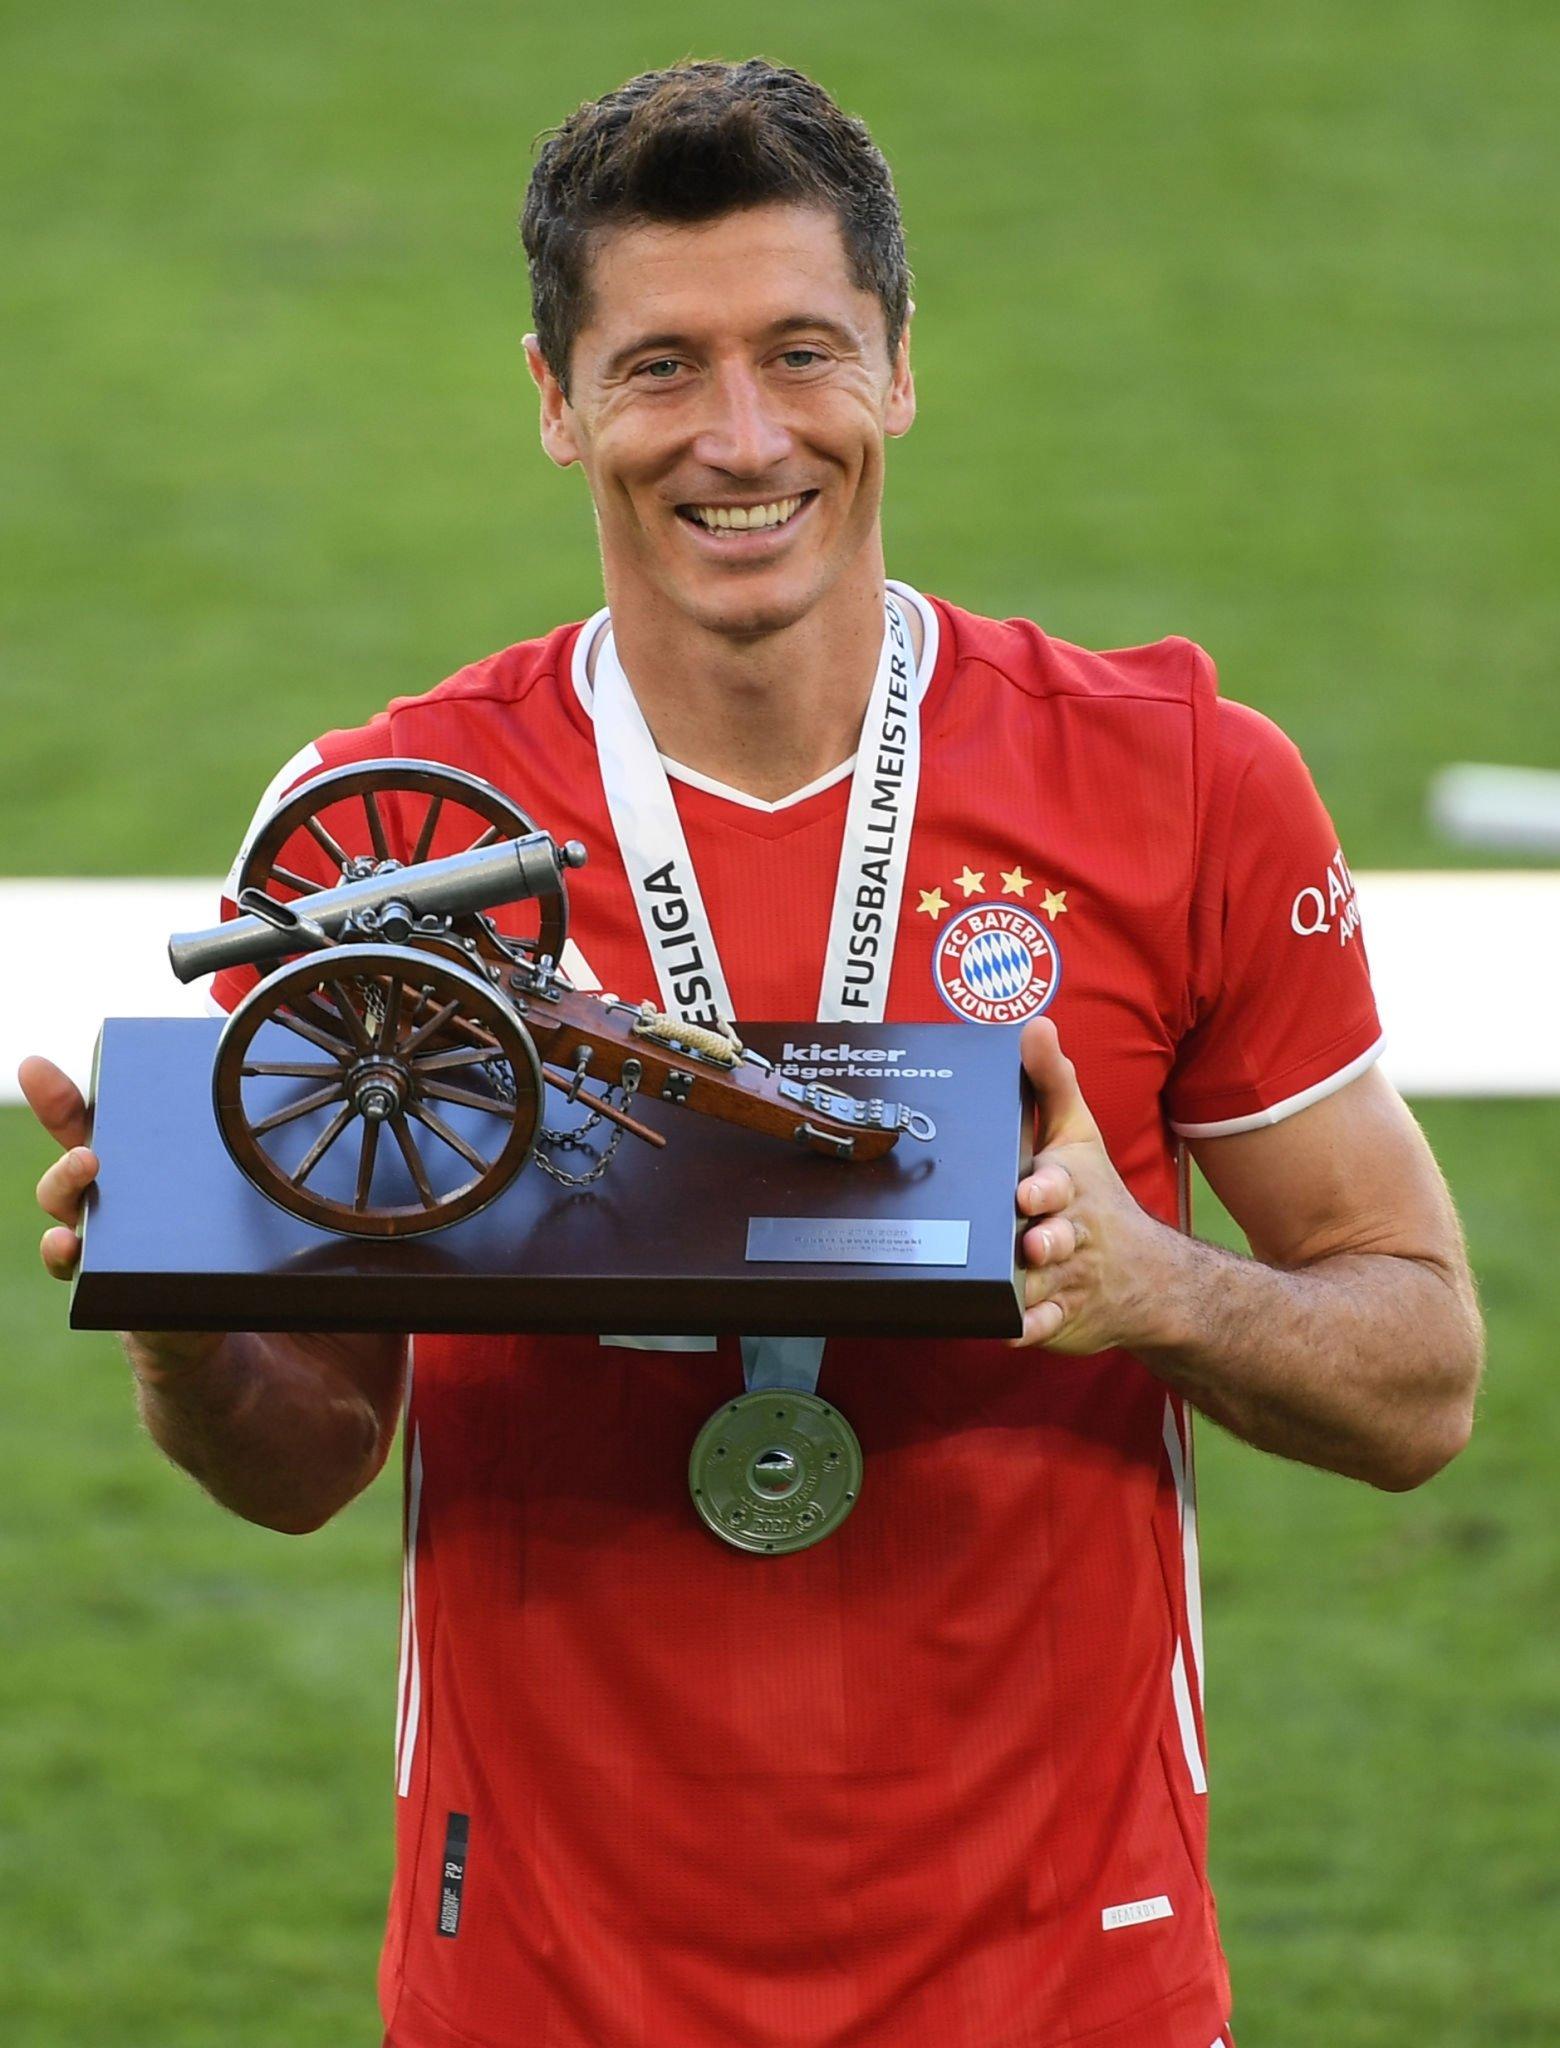 ليفاندوفسكى مع جائزة هداف الدوريي الالمانى (3)